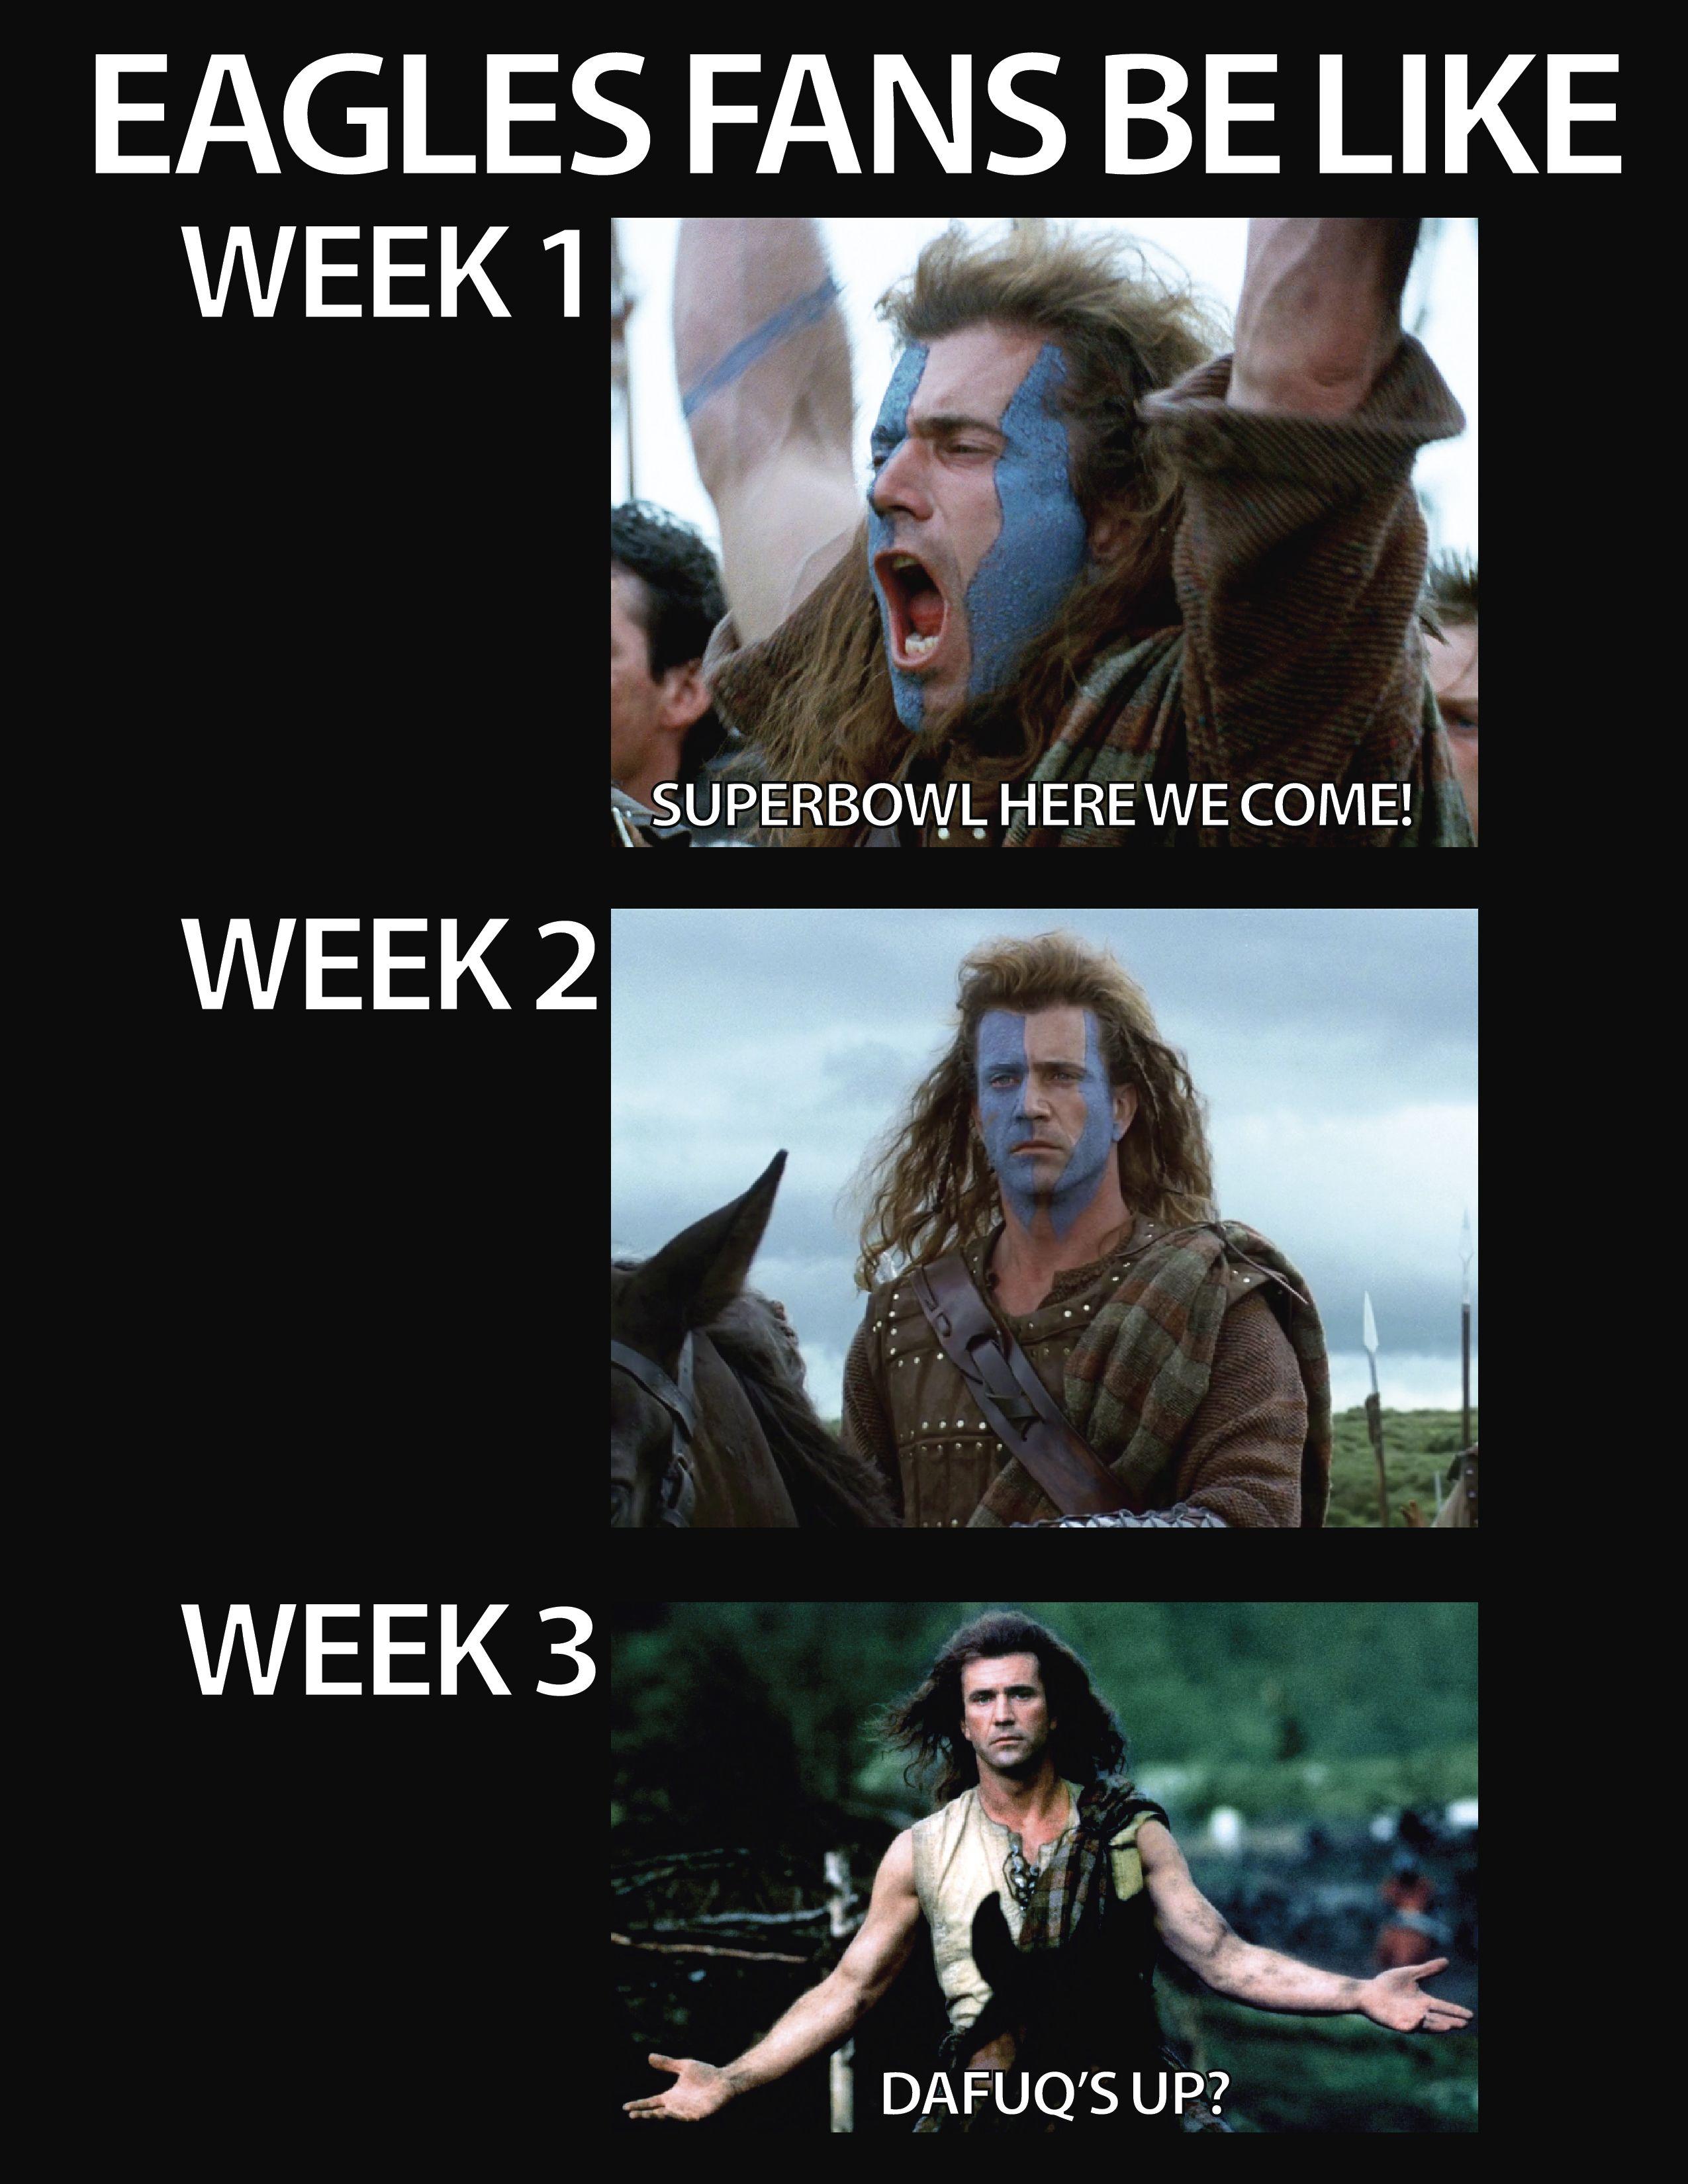 eagles fan meme - photo #8